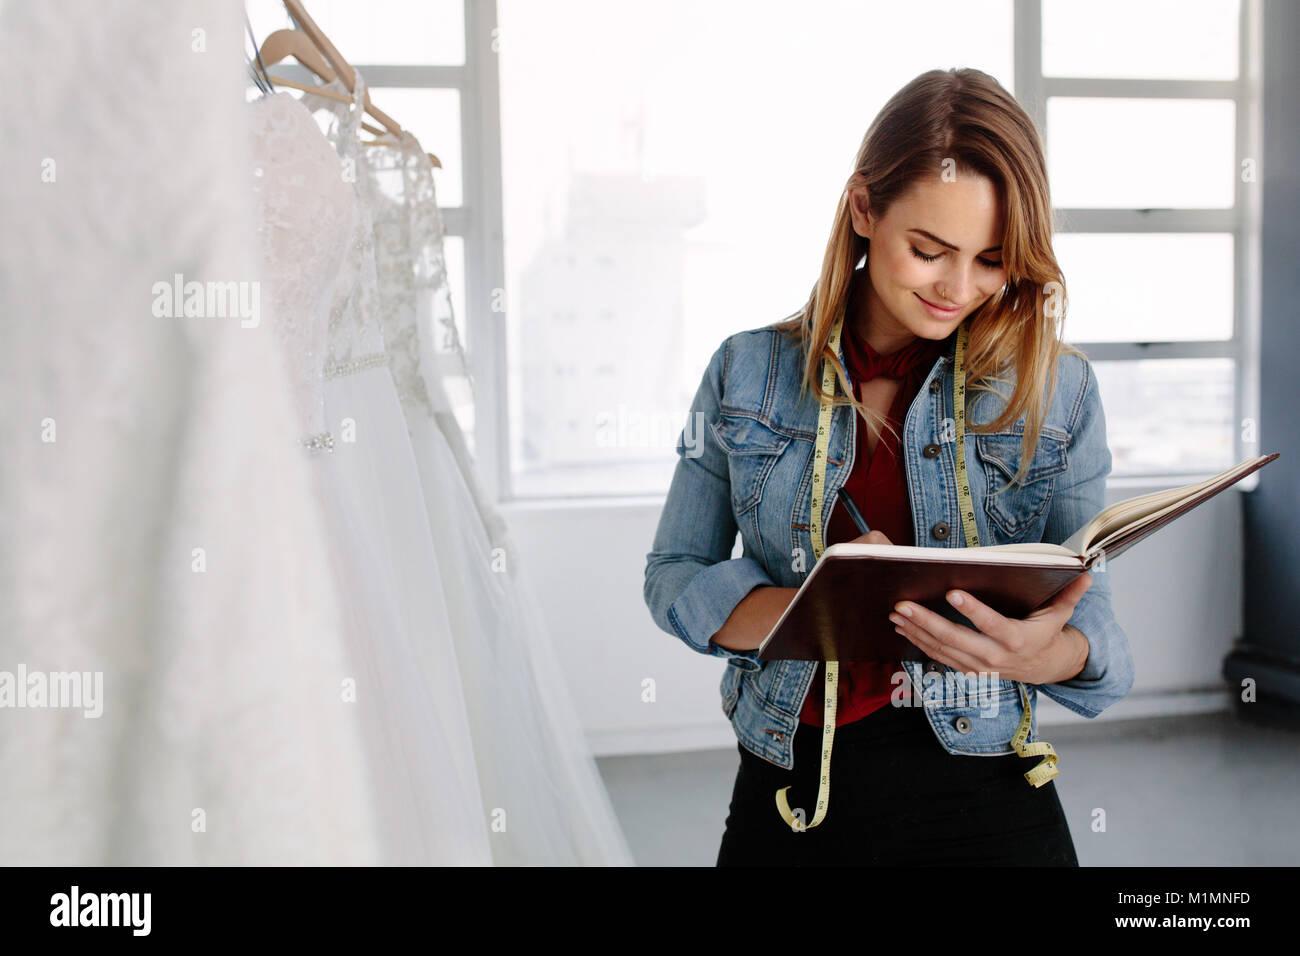 Designer de mode féminine travaillant dans robes de stocker et d'écrire dans un journal intime. Femme Photo Stock